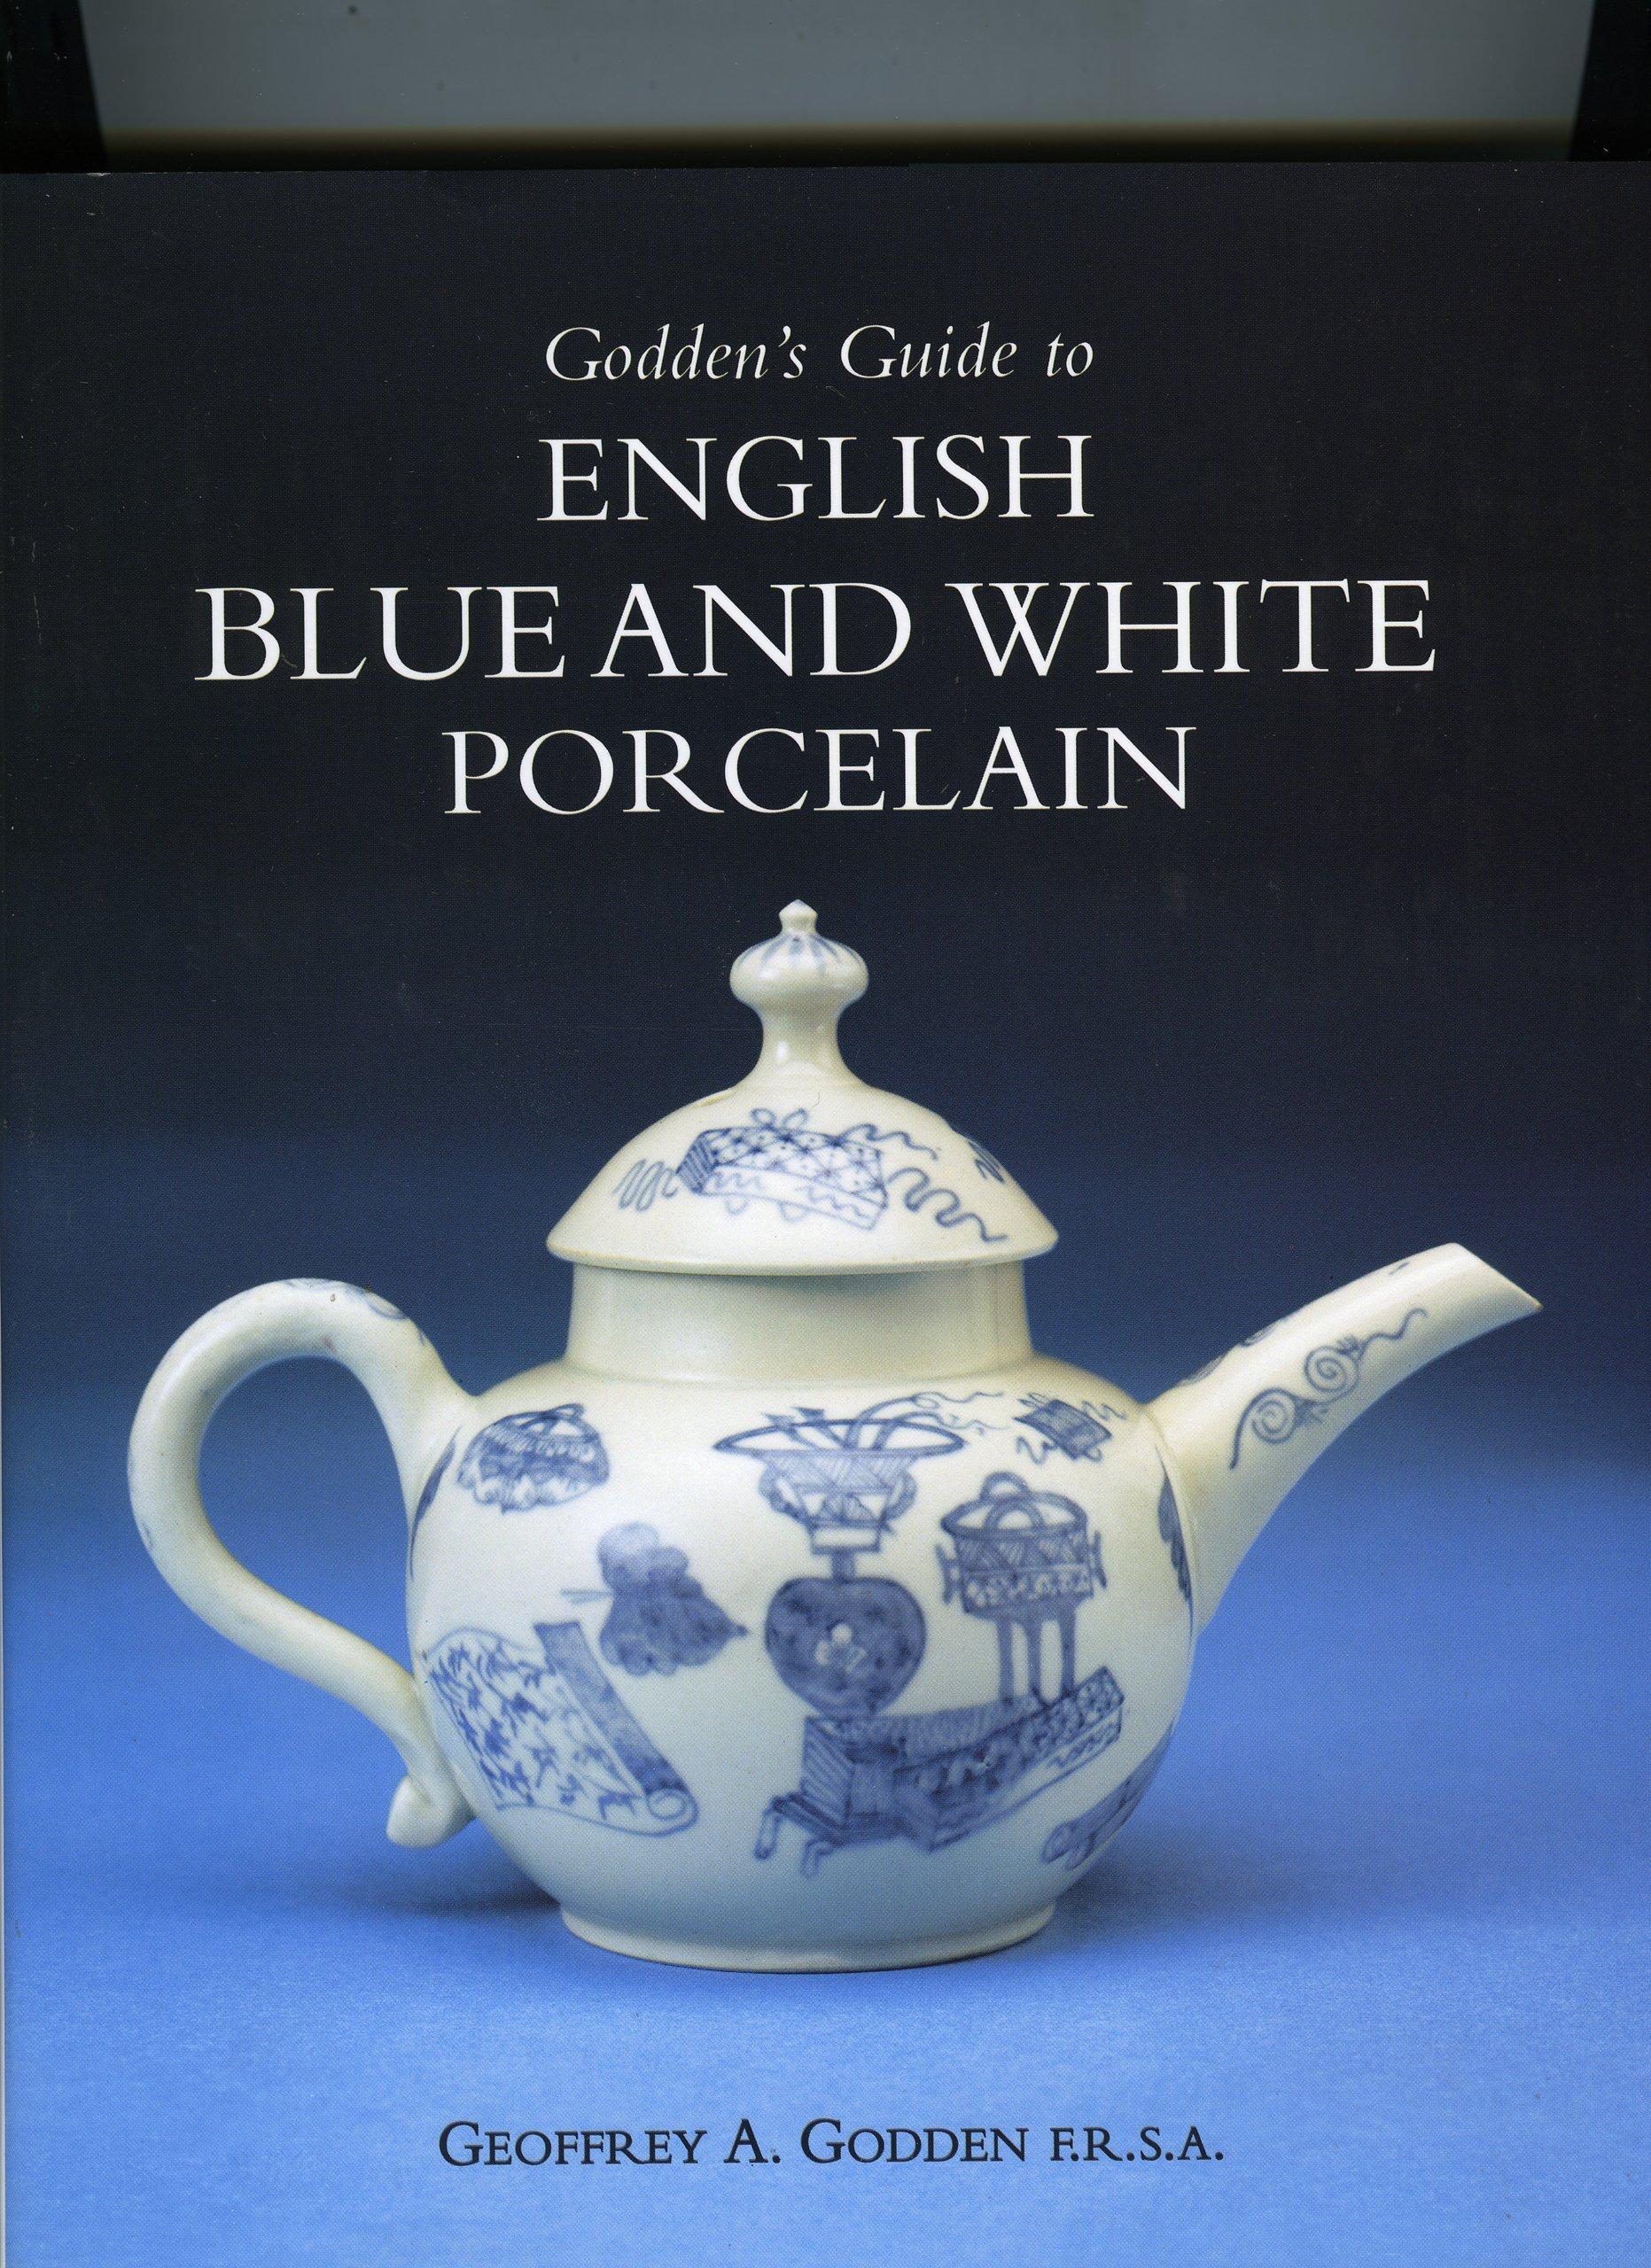 Godden's Guide to English Blue & White Porcelain